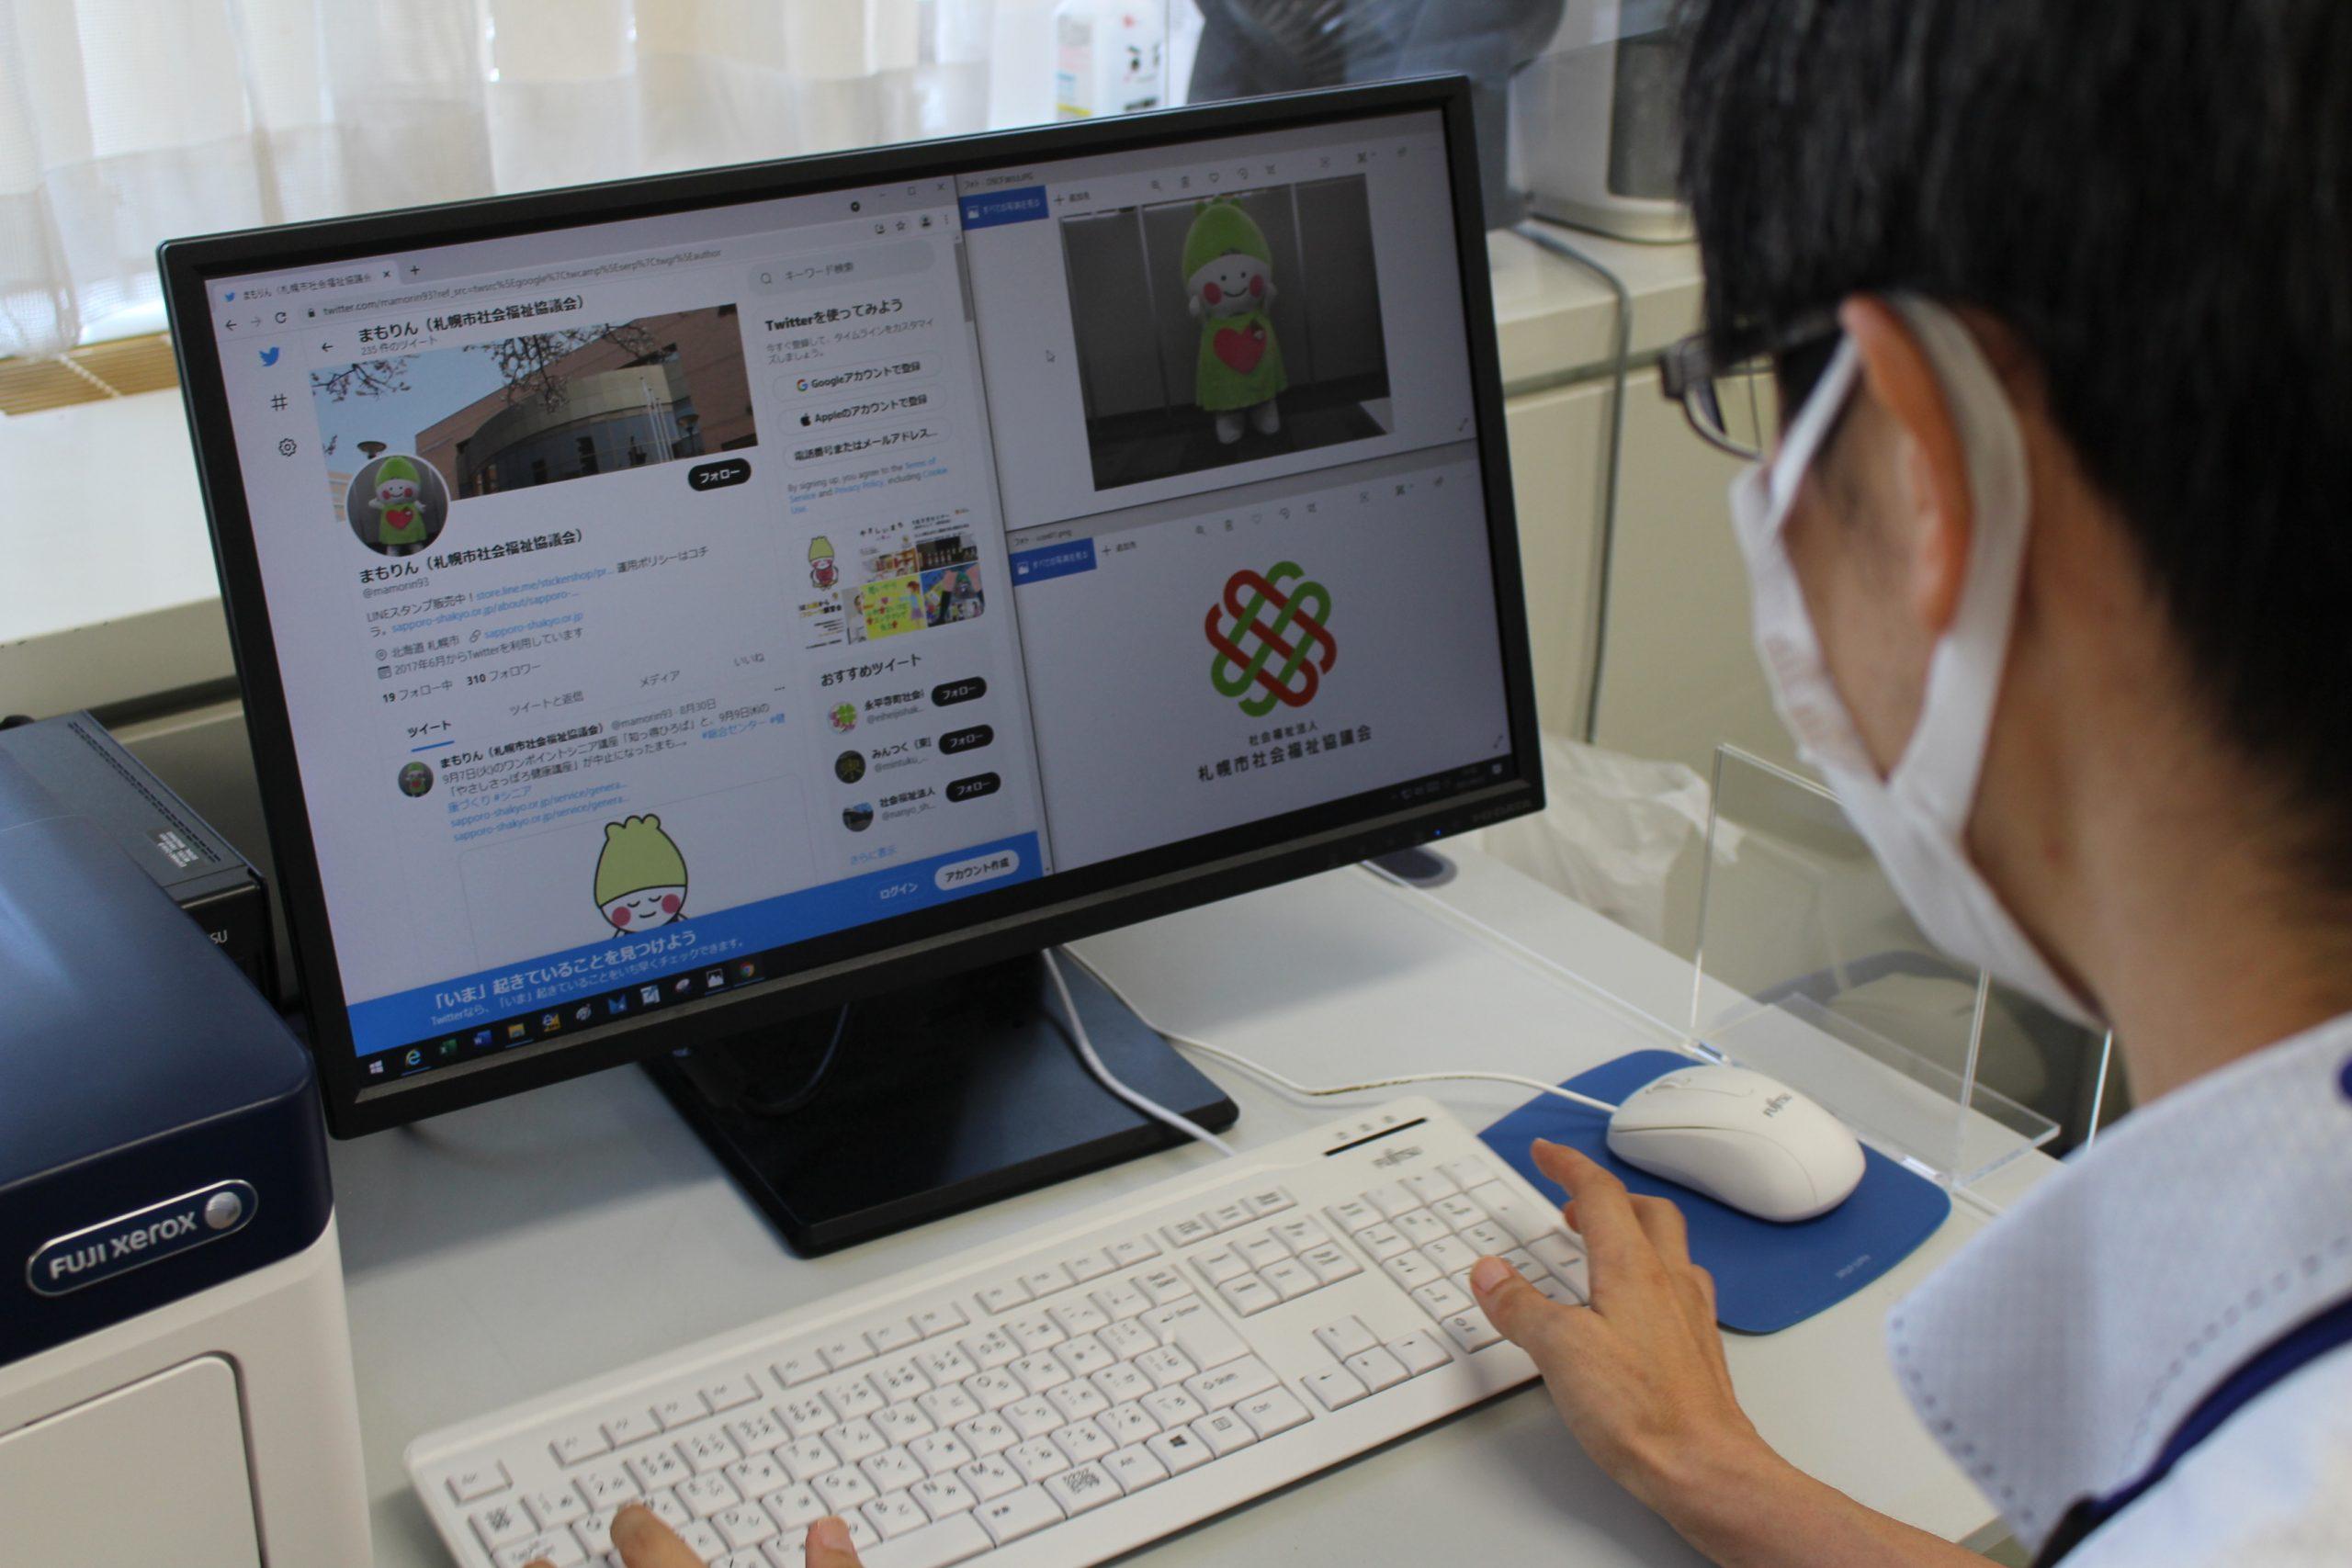 社会福祉法人 札幌市社会福祉協議会 様画像